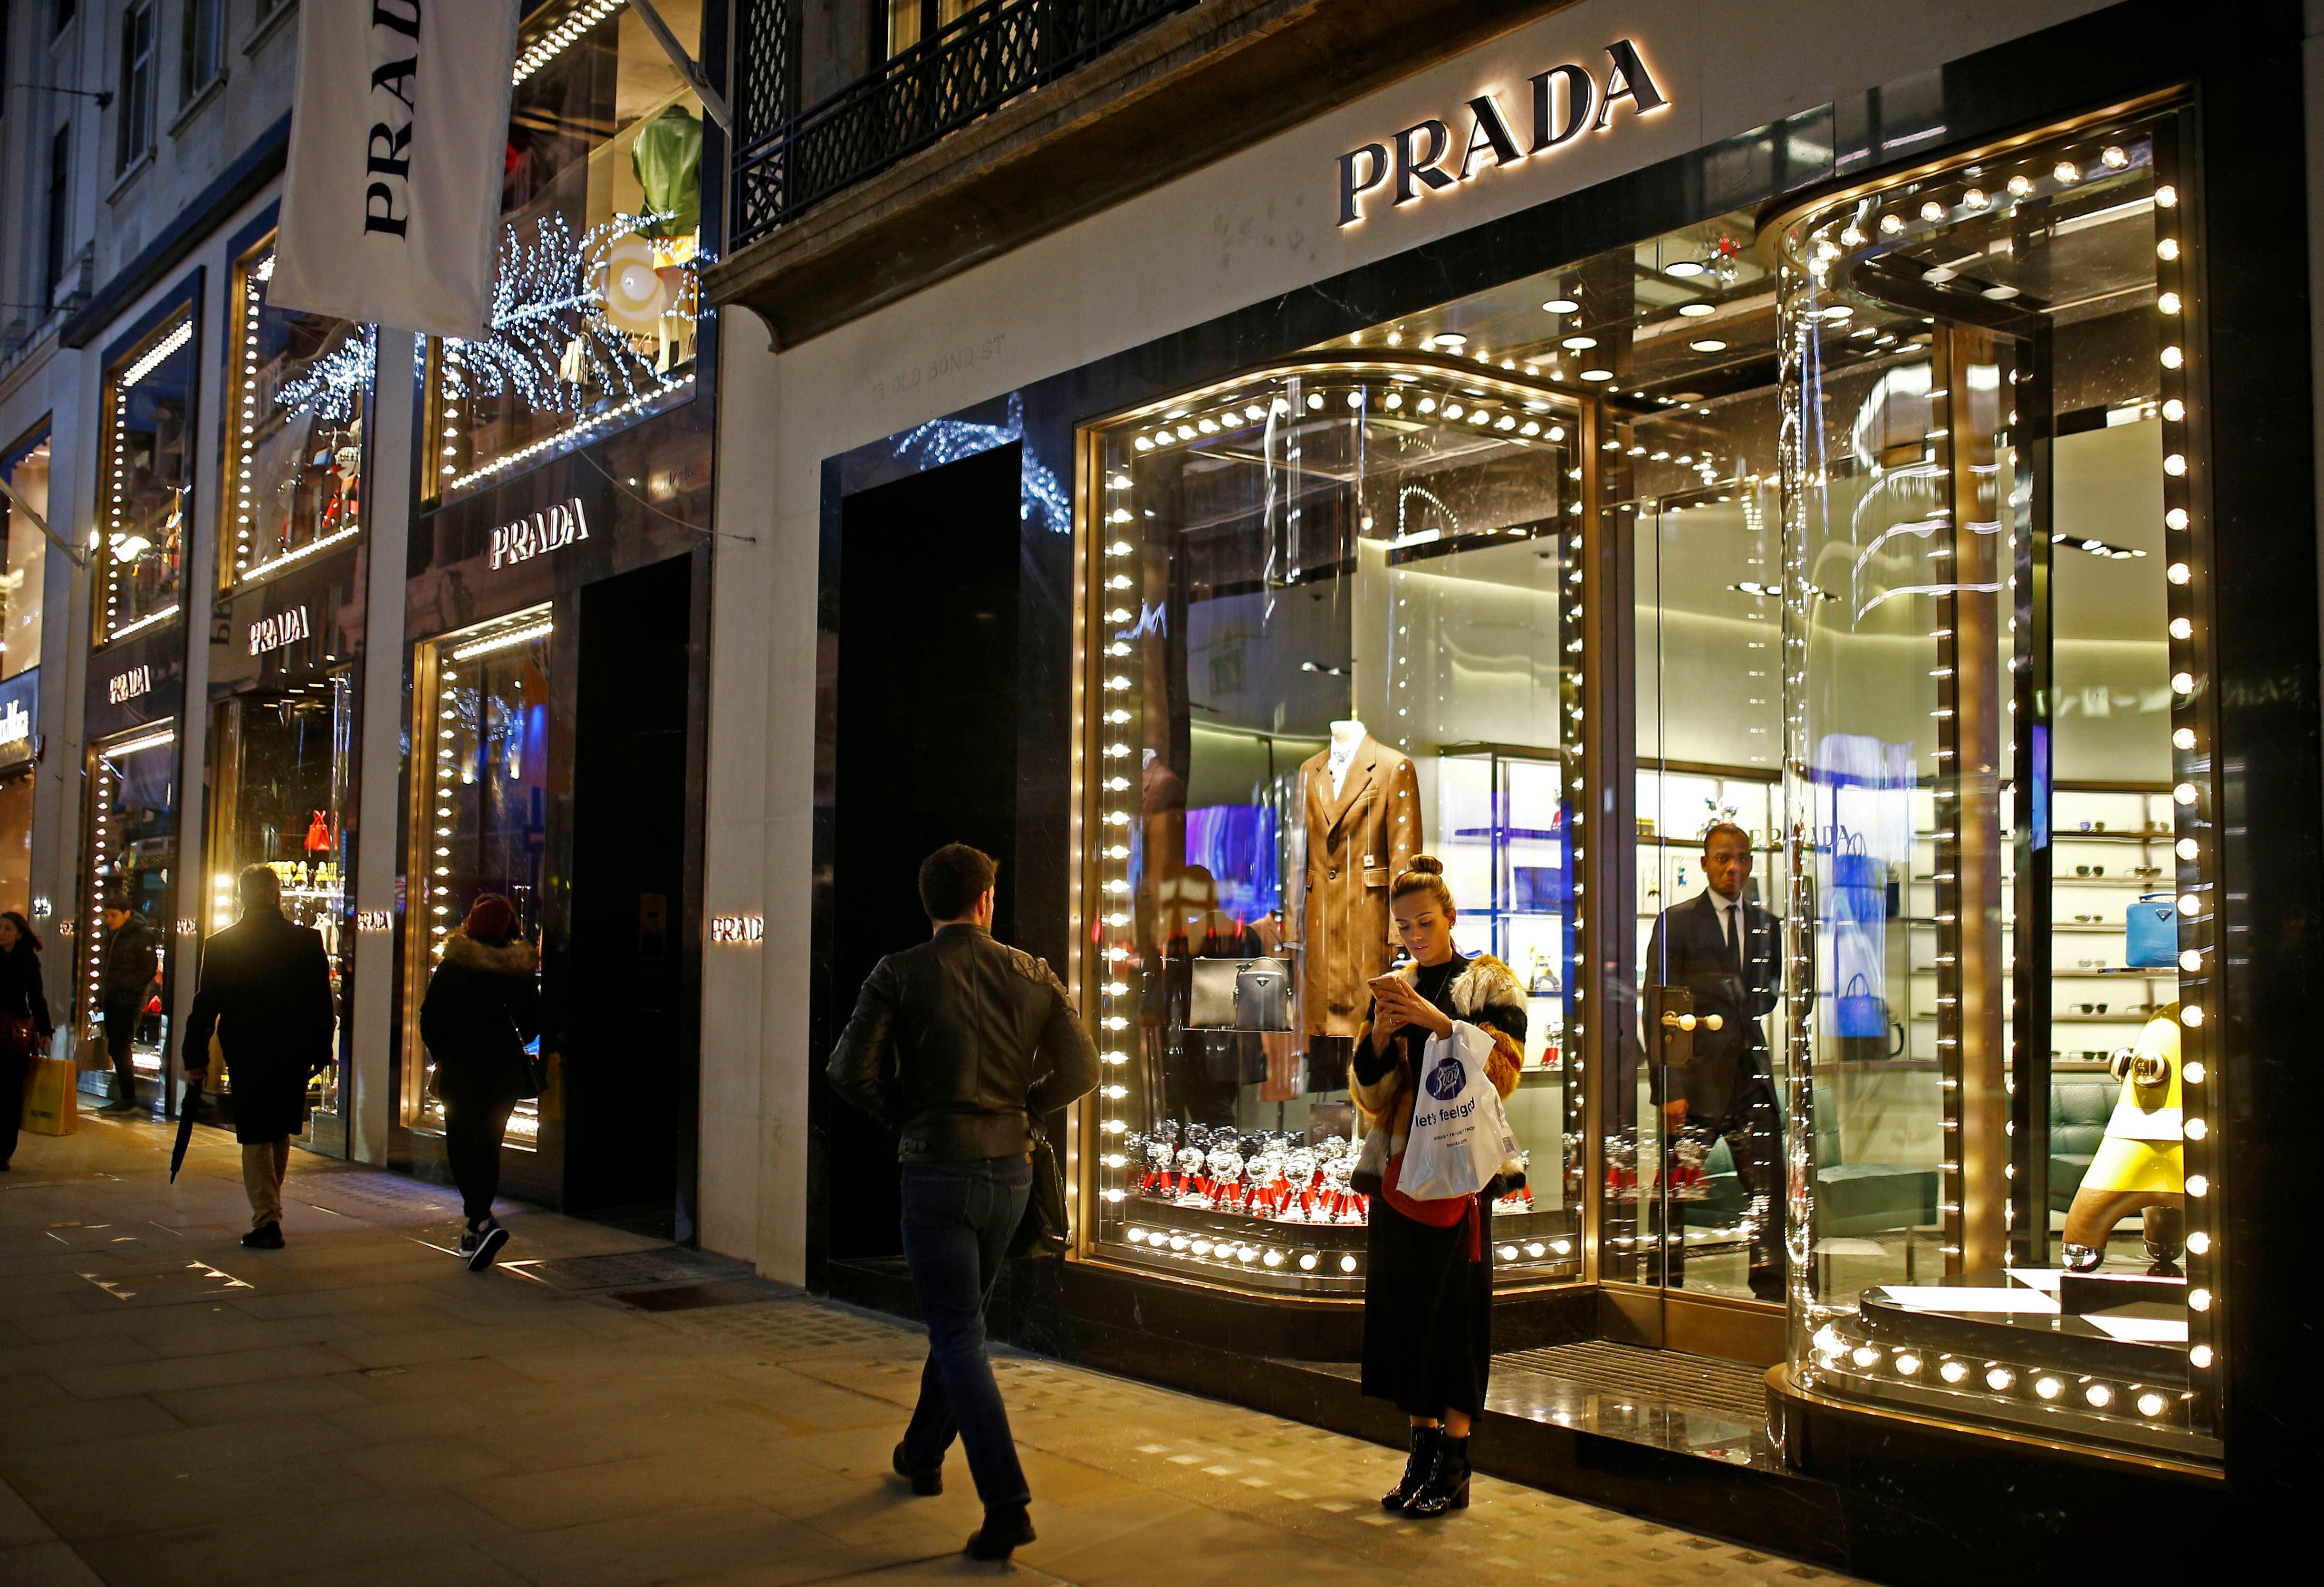 Grife Prada vai deixar de vender roupas com peles de animais - Noticias